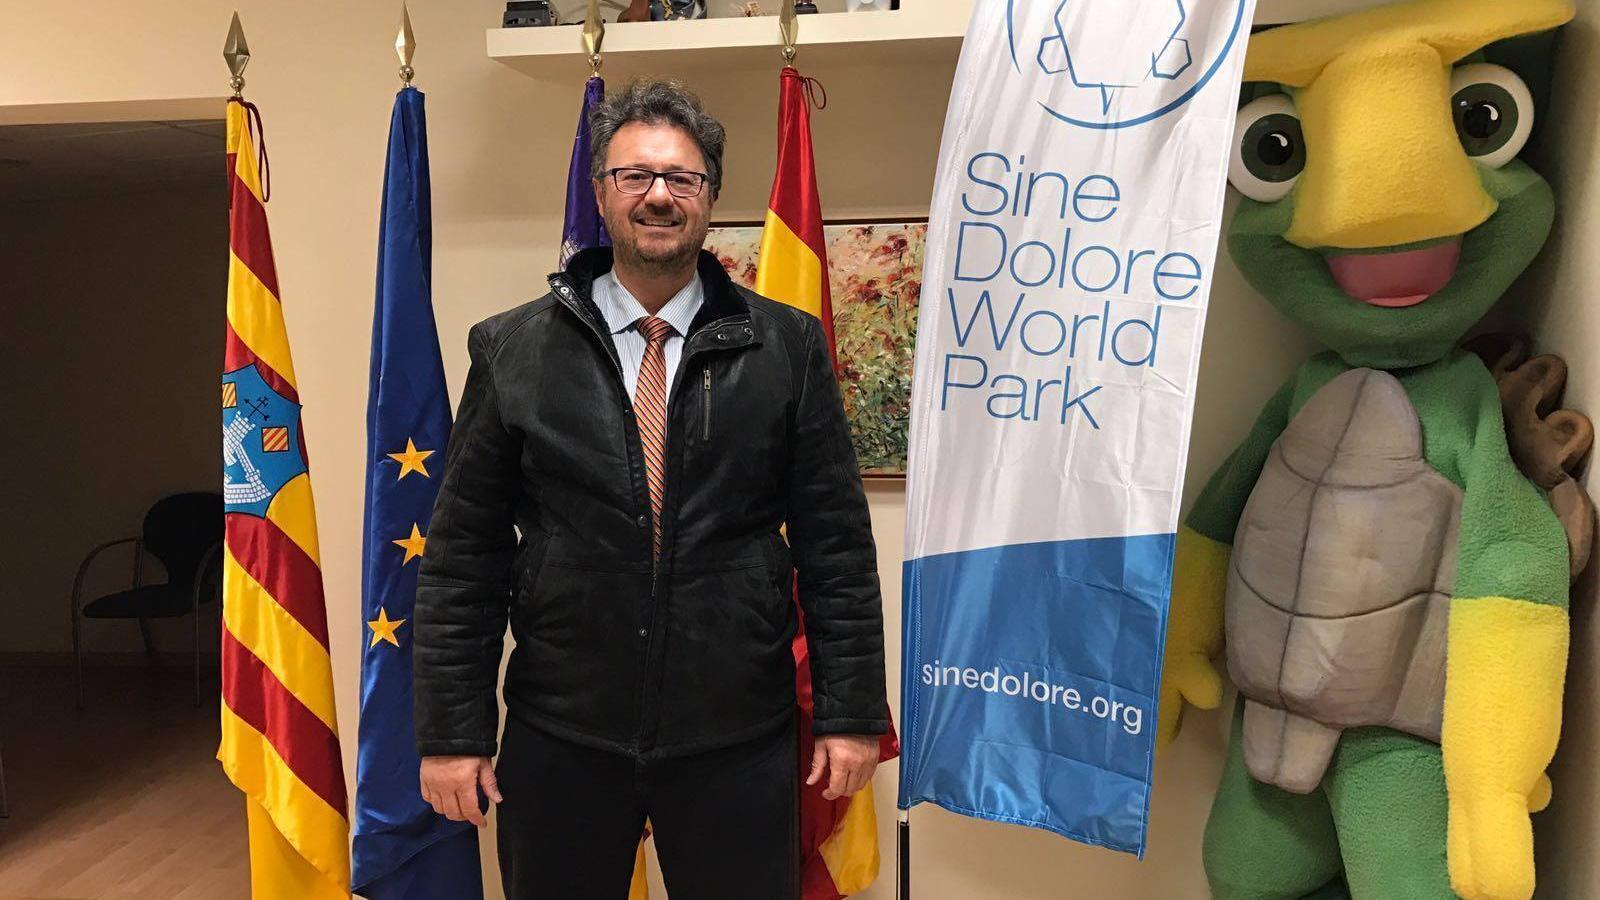 El doctor Jordi Moya és l'artífex d'aquesta iniciativa que ajuda a desestacionalitzar la temporada.